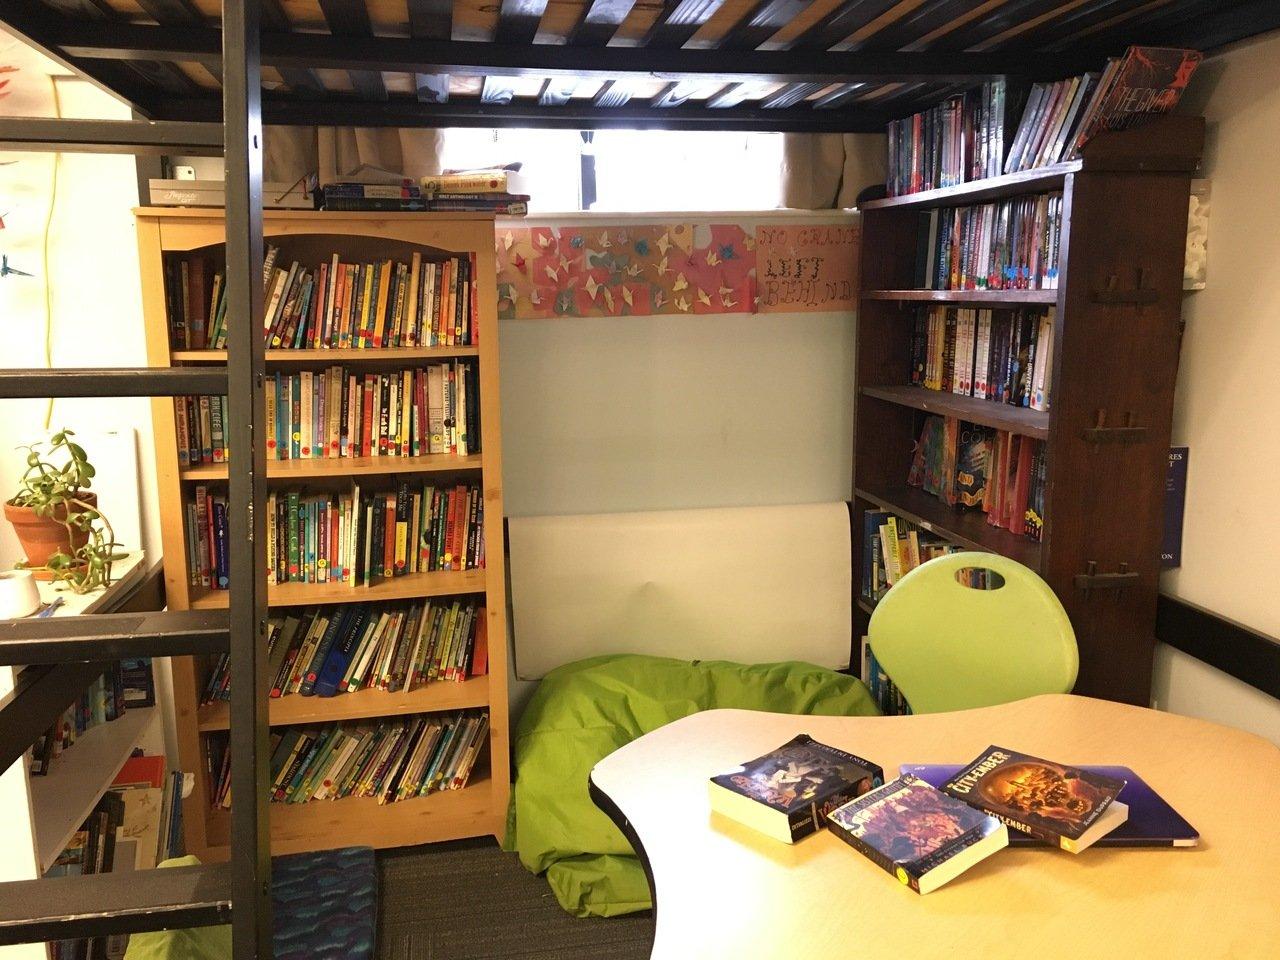 Na foto, o cantinho da leitura da Acera School. Vemos uma estante cheia de livros e um pufe. Em cima, uma cama para que as crianças possam ler.